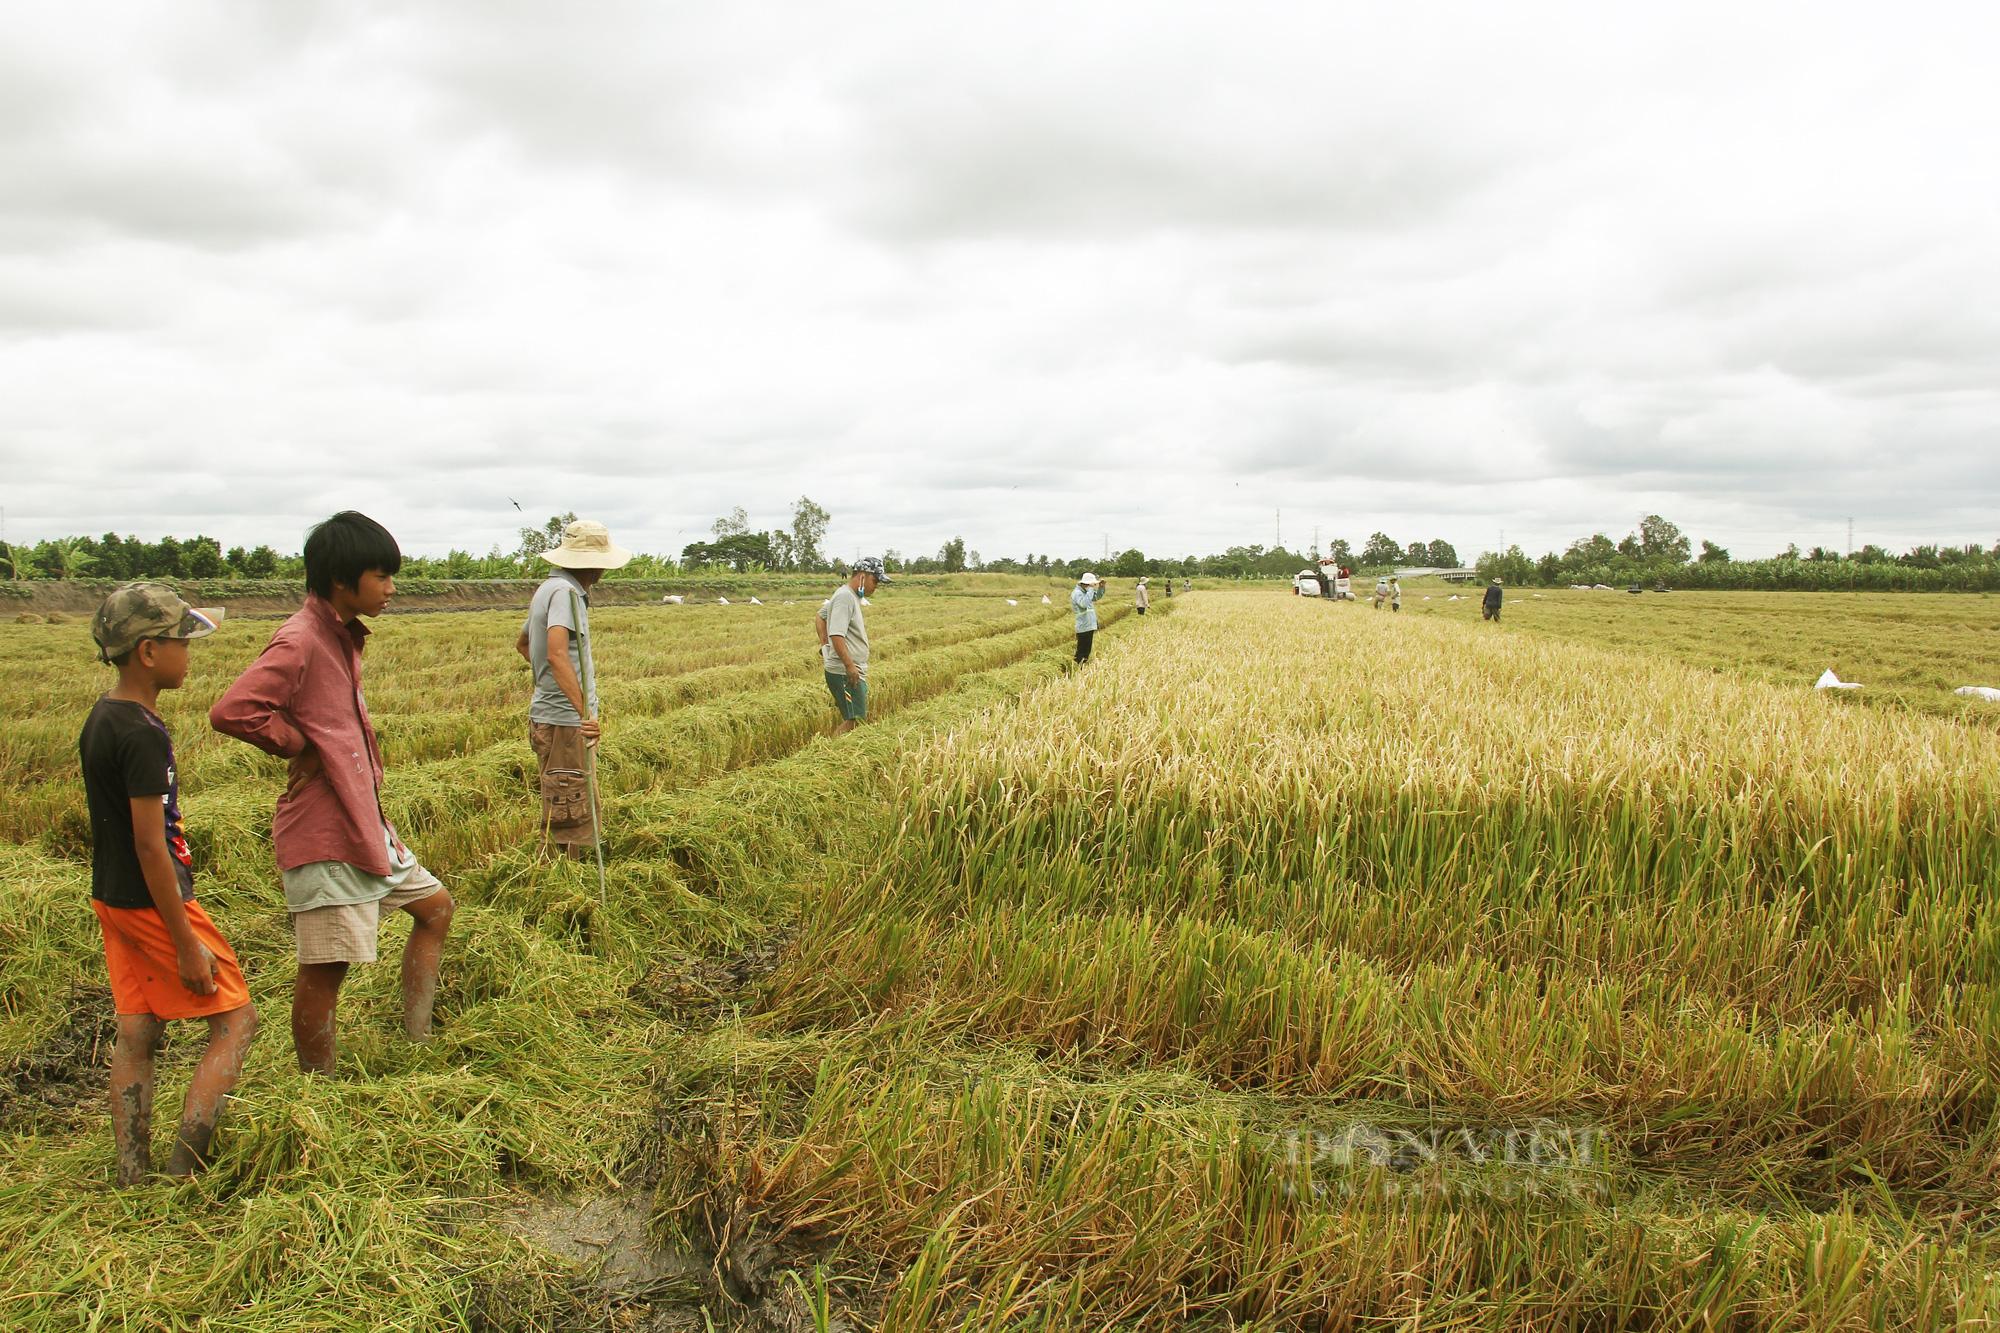 Thanh niên Cần Thơ rủ nhau đi bắt chuột đồng mùa thu hoạch lúa Thu Đông 2021 - Ảnh 2.